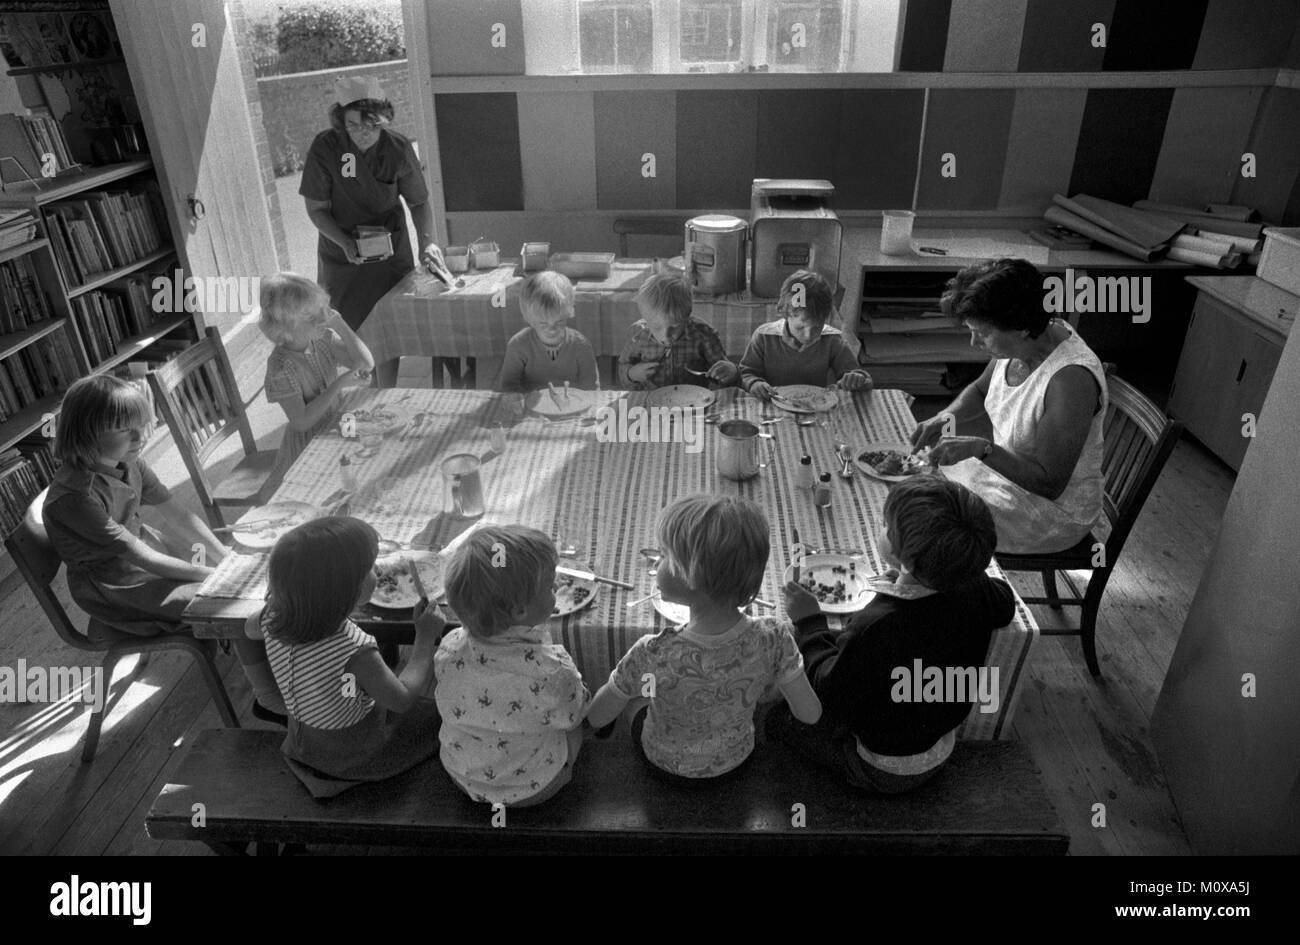 Village Escuela Primaria de los años 70 Inglaterra. Los niños de la escuela se sientan juntos en una mesa con un miembro del personal y almorzar. La cena de la escuela dama en sombrero blanco por mesa larga. Cheveley Cambridgeshire 1978 70 Reino Unido HOMER SYKES Foto de stock